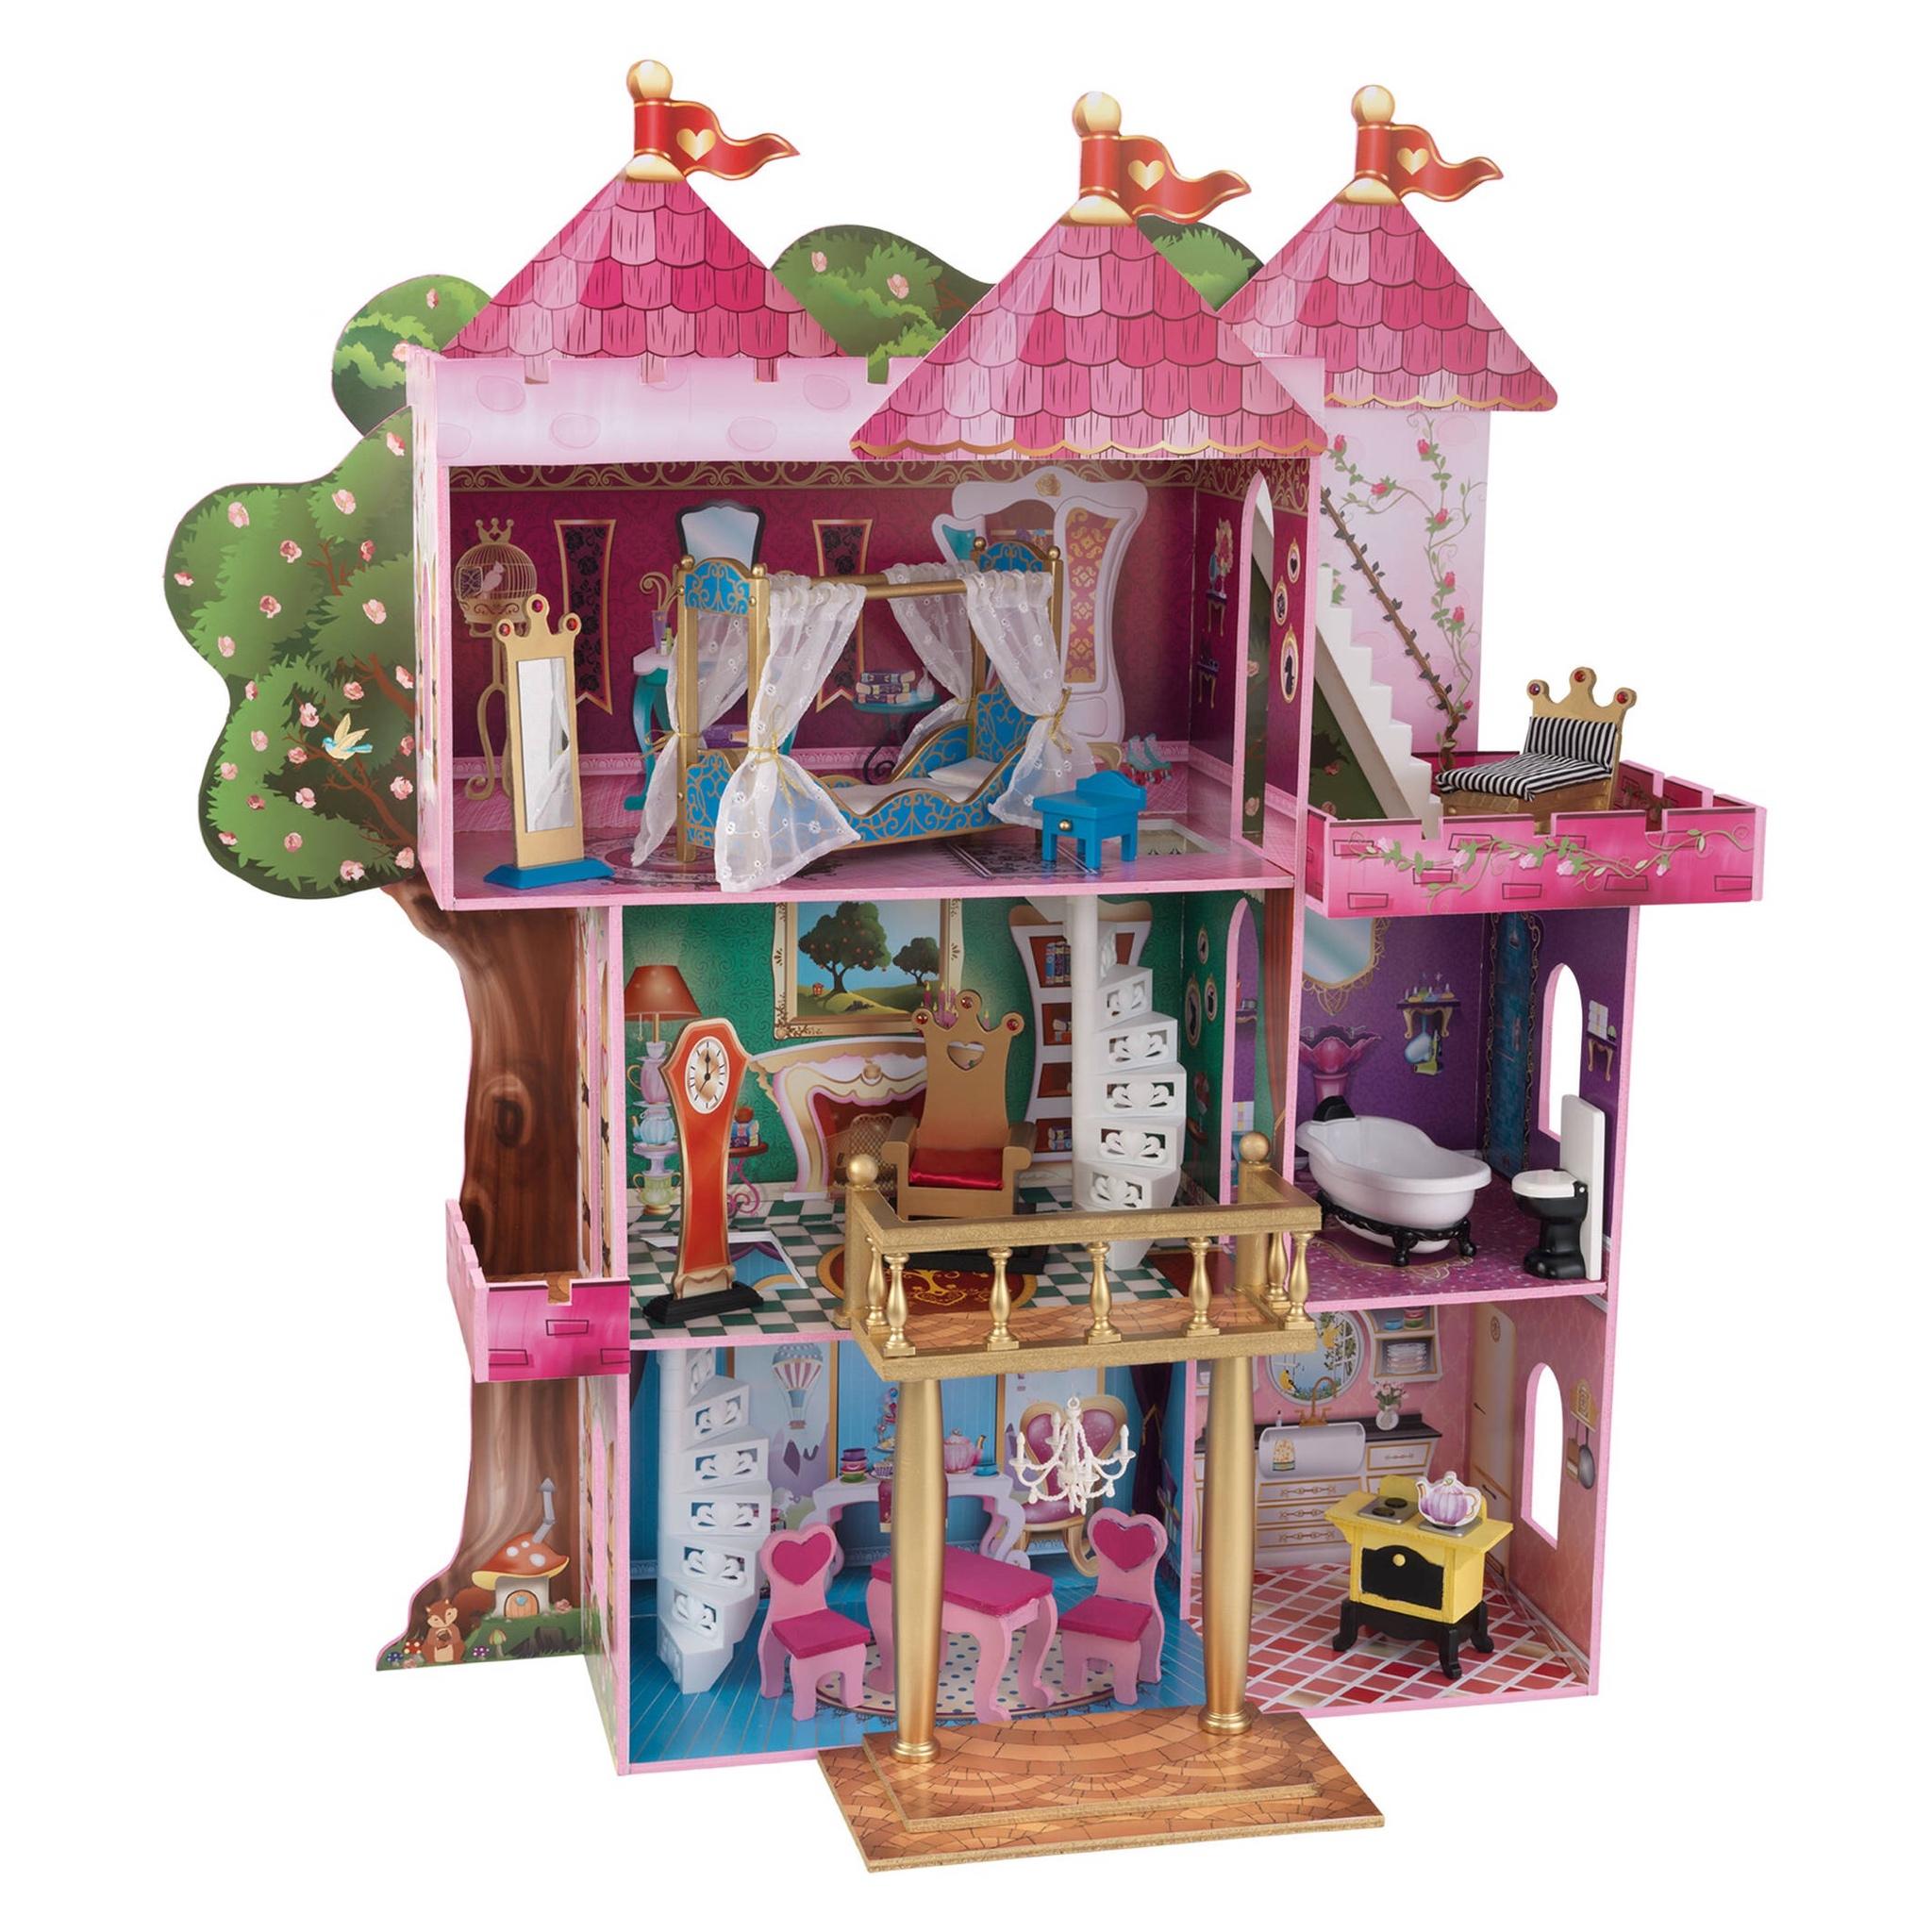 บ้านตุ๊กตาแสนหวาน KidKraft Storybook Wooden Mansion Dollhouse